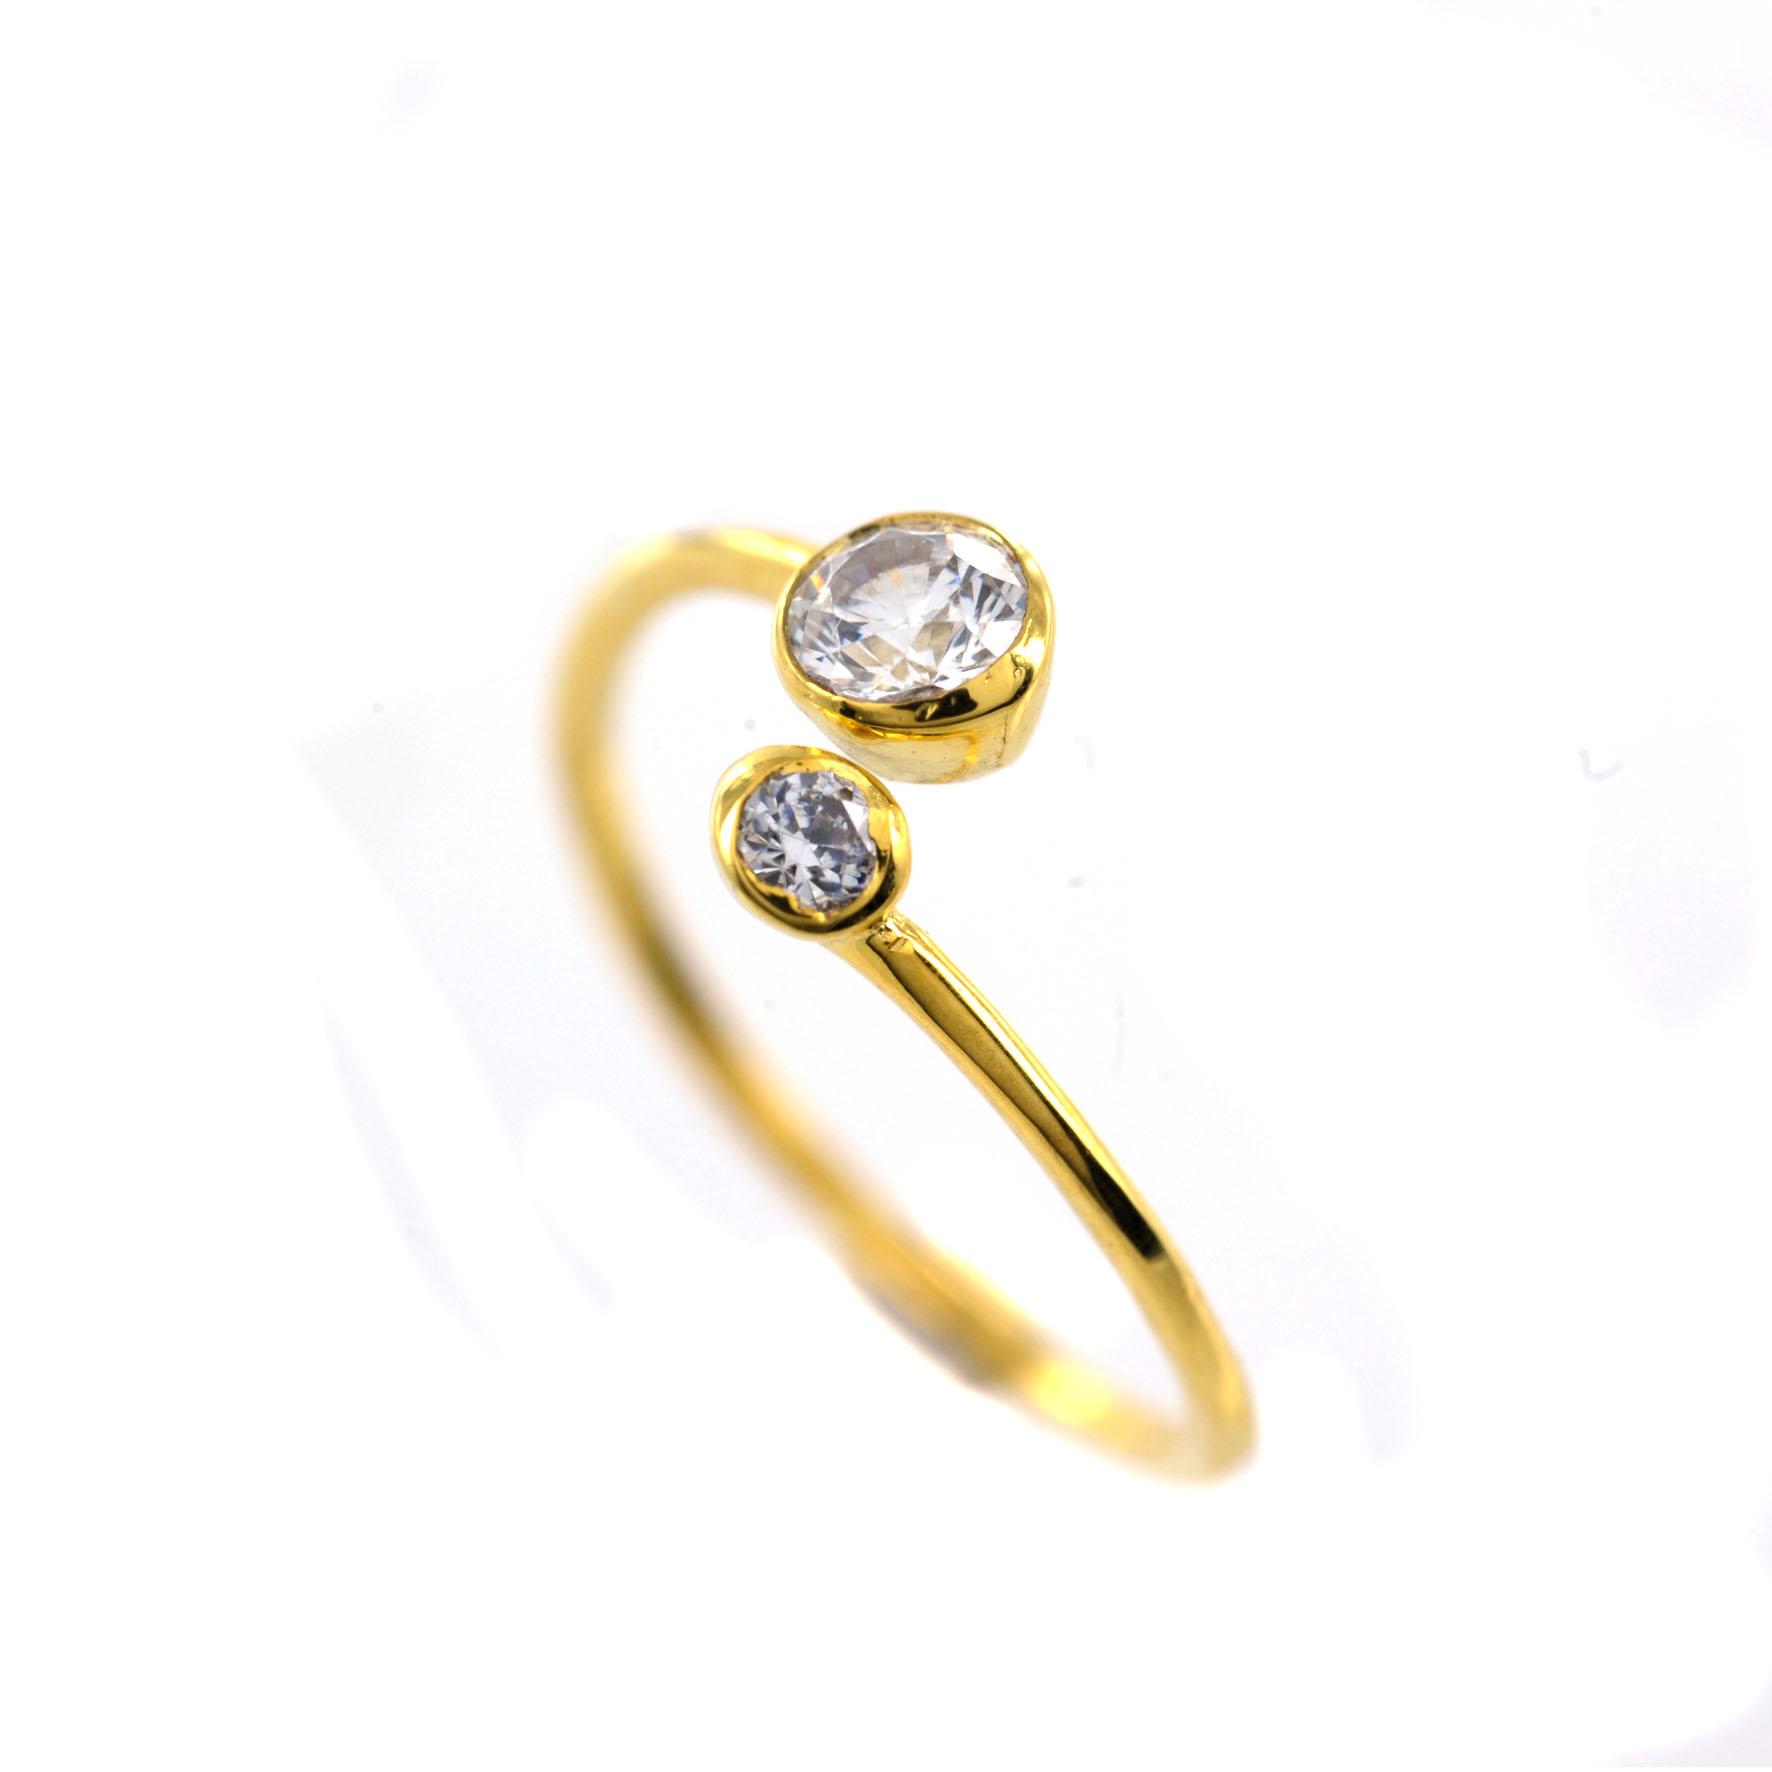 Υπέροχο χειροποίητο χρυσό δαχτυλίδι με Swarovski  b31ecf2b9dd